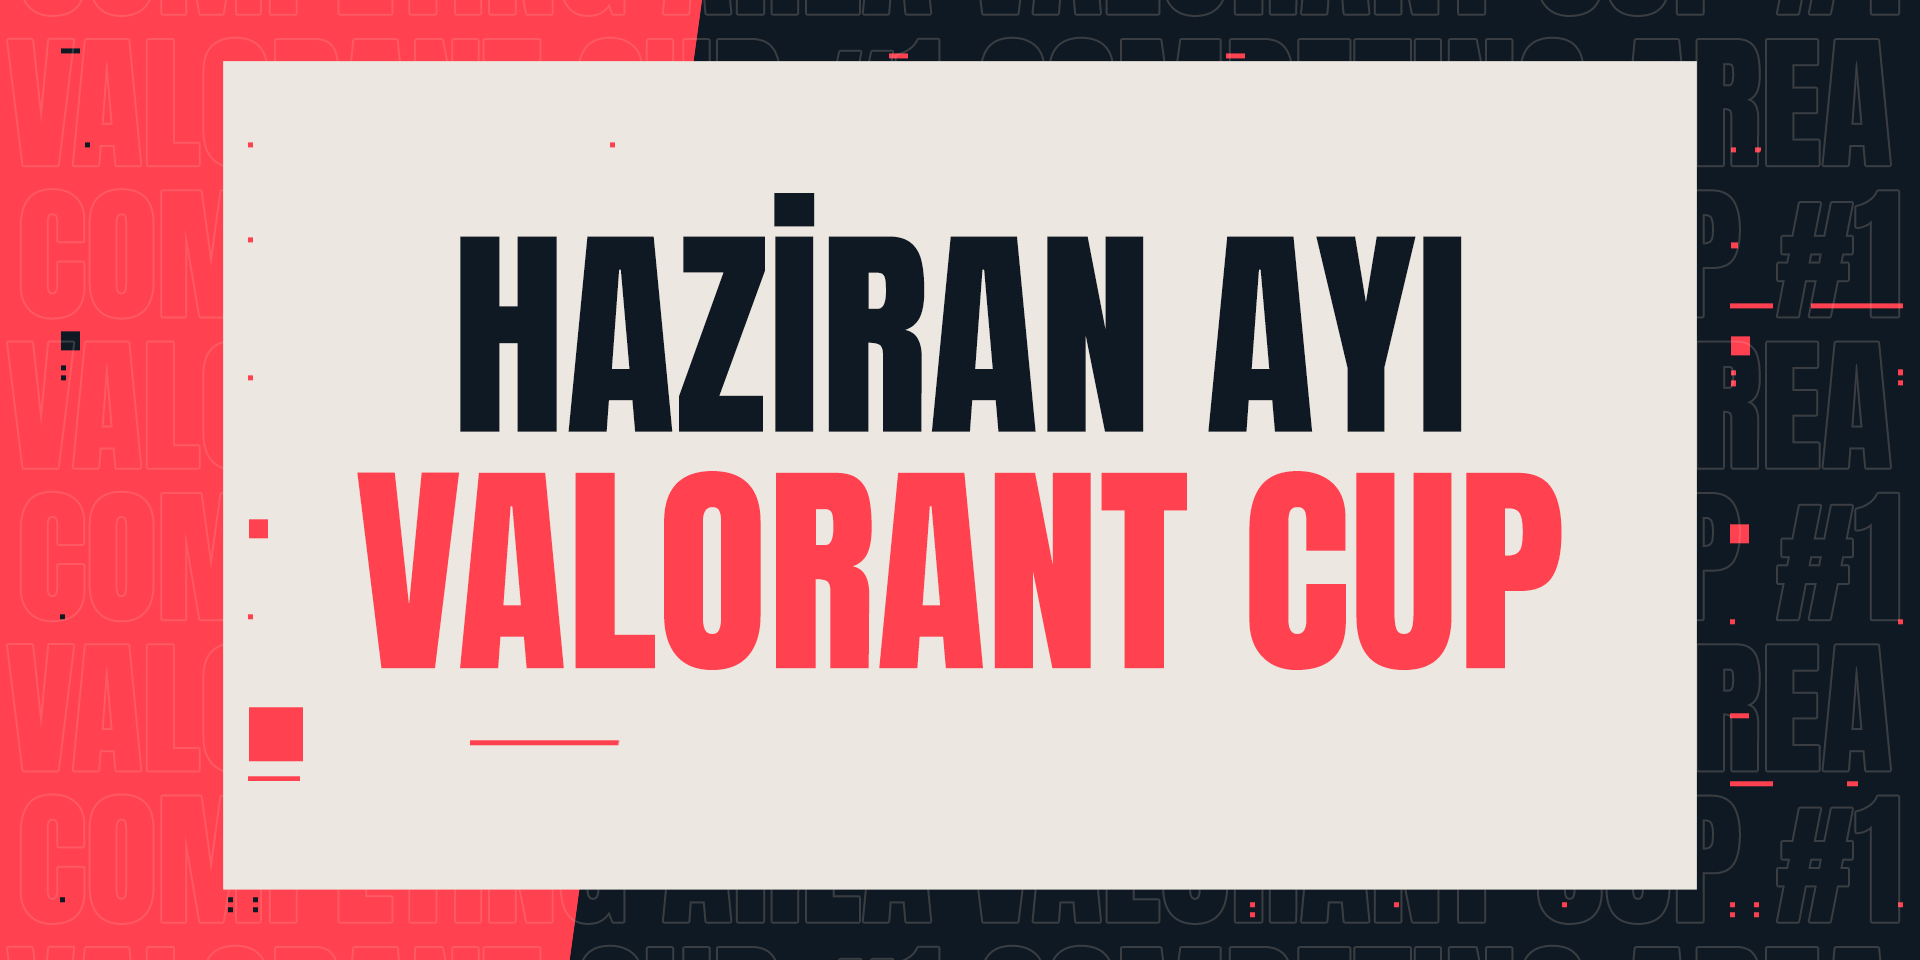 Competing Area Valorant Cup başlamak üzere!